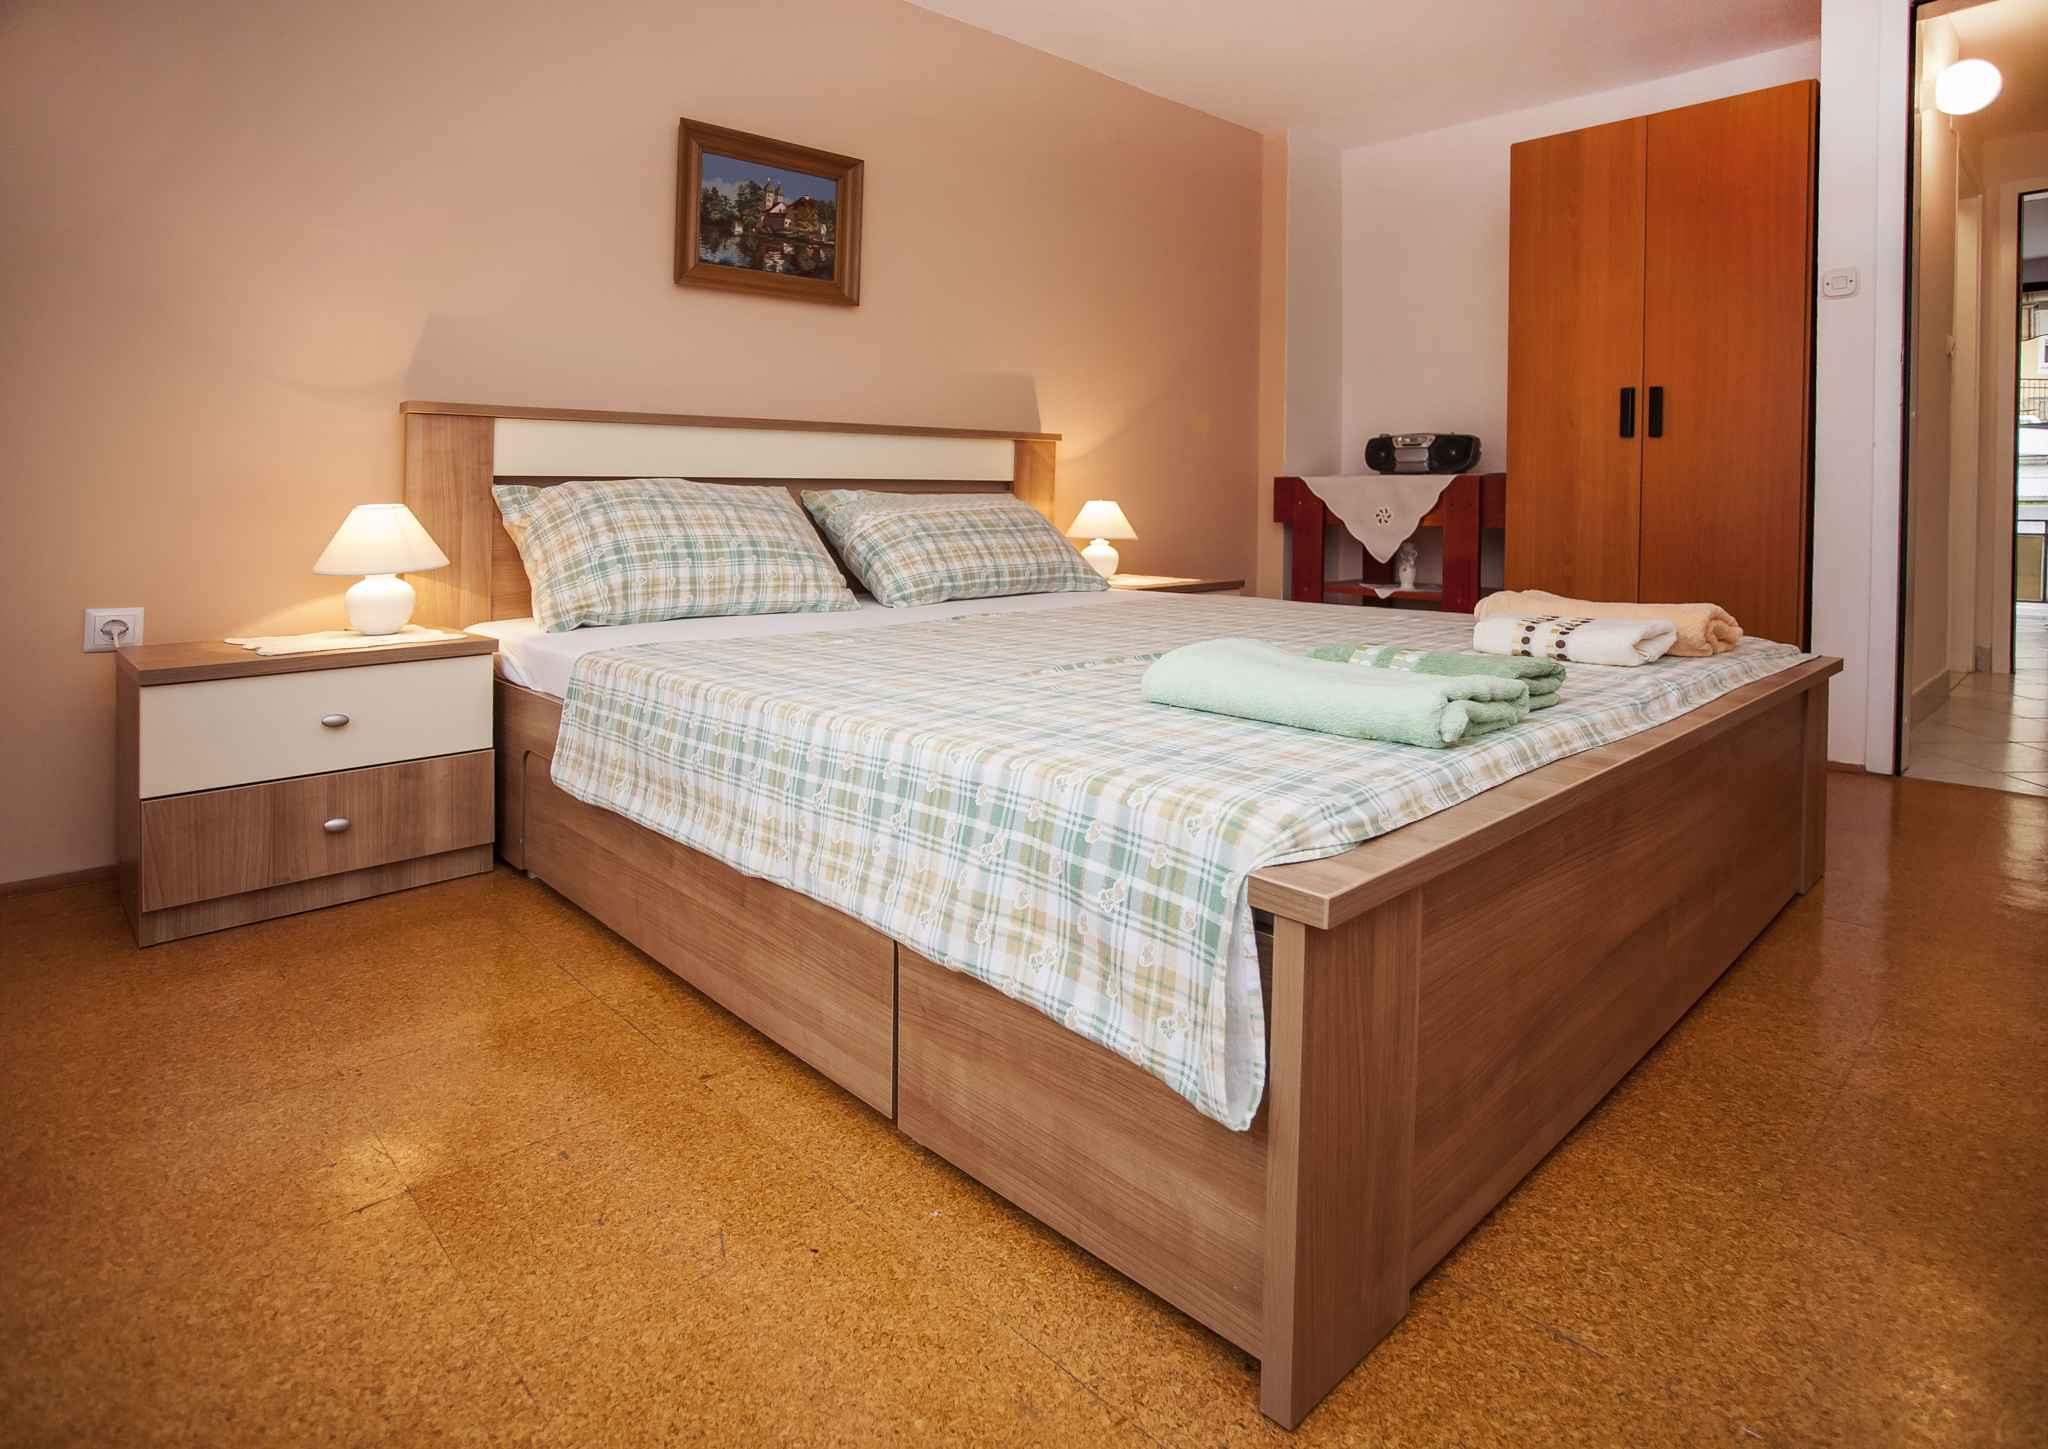 Ferienwohnung unweit des Zentrums (281003), Rovinj, , Istrien, Kroatien, Bild 12